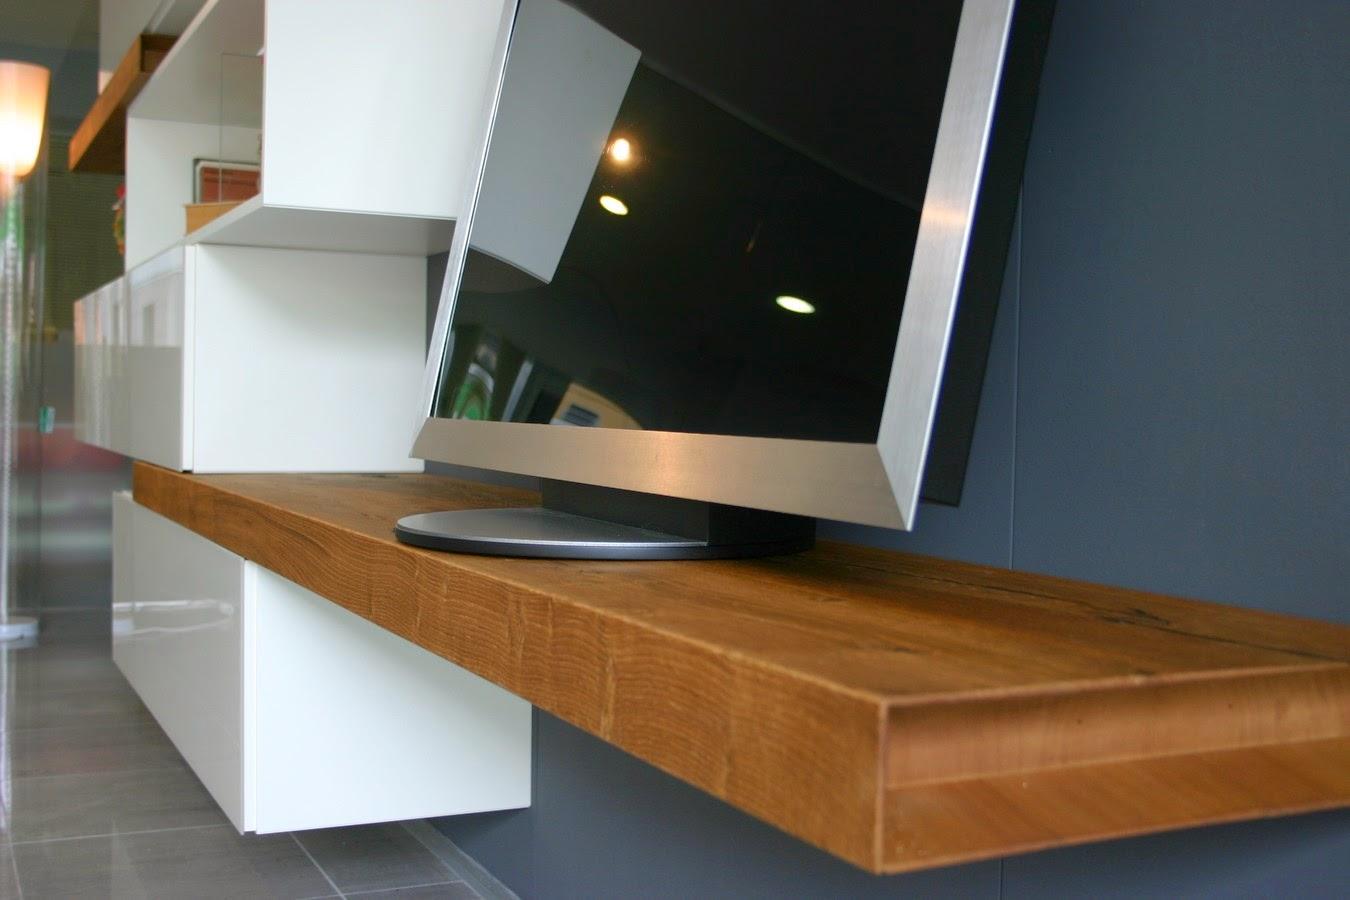 Soggiorni e salotti moderni arredo per la tua casa - Mobili soggiorno lago ...